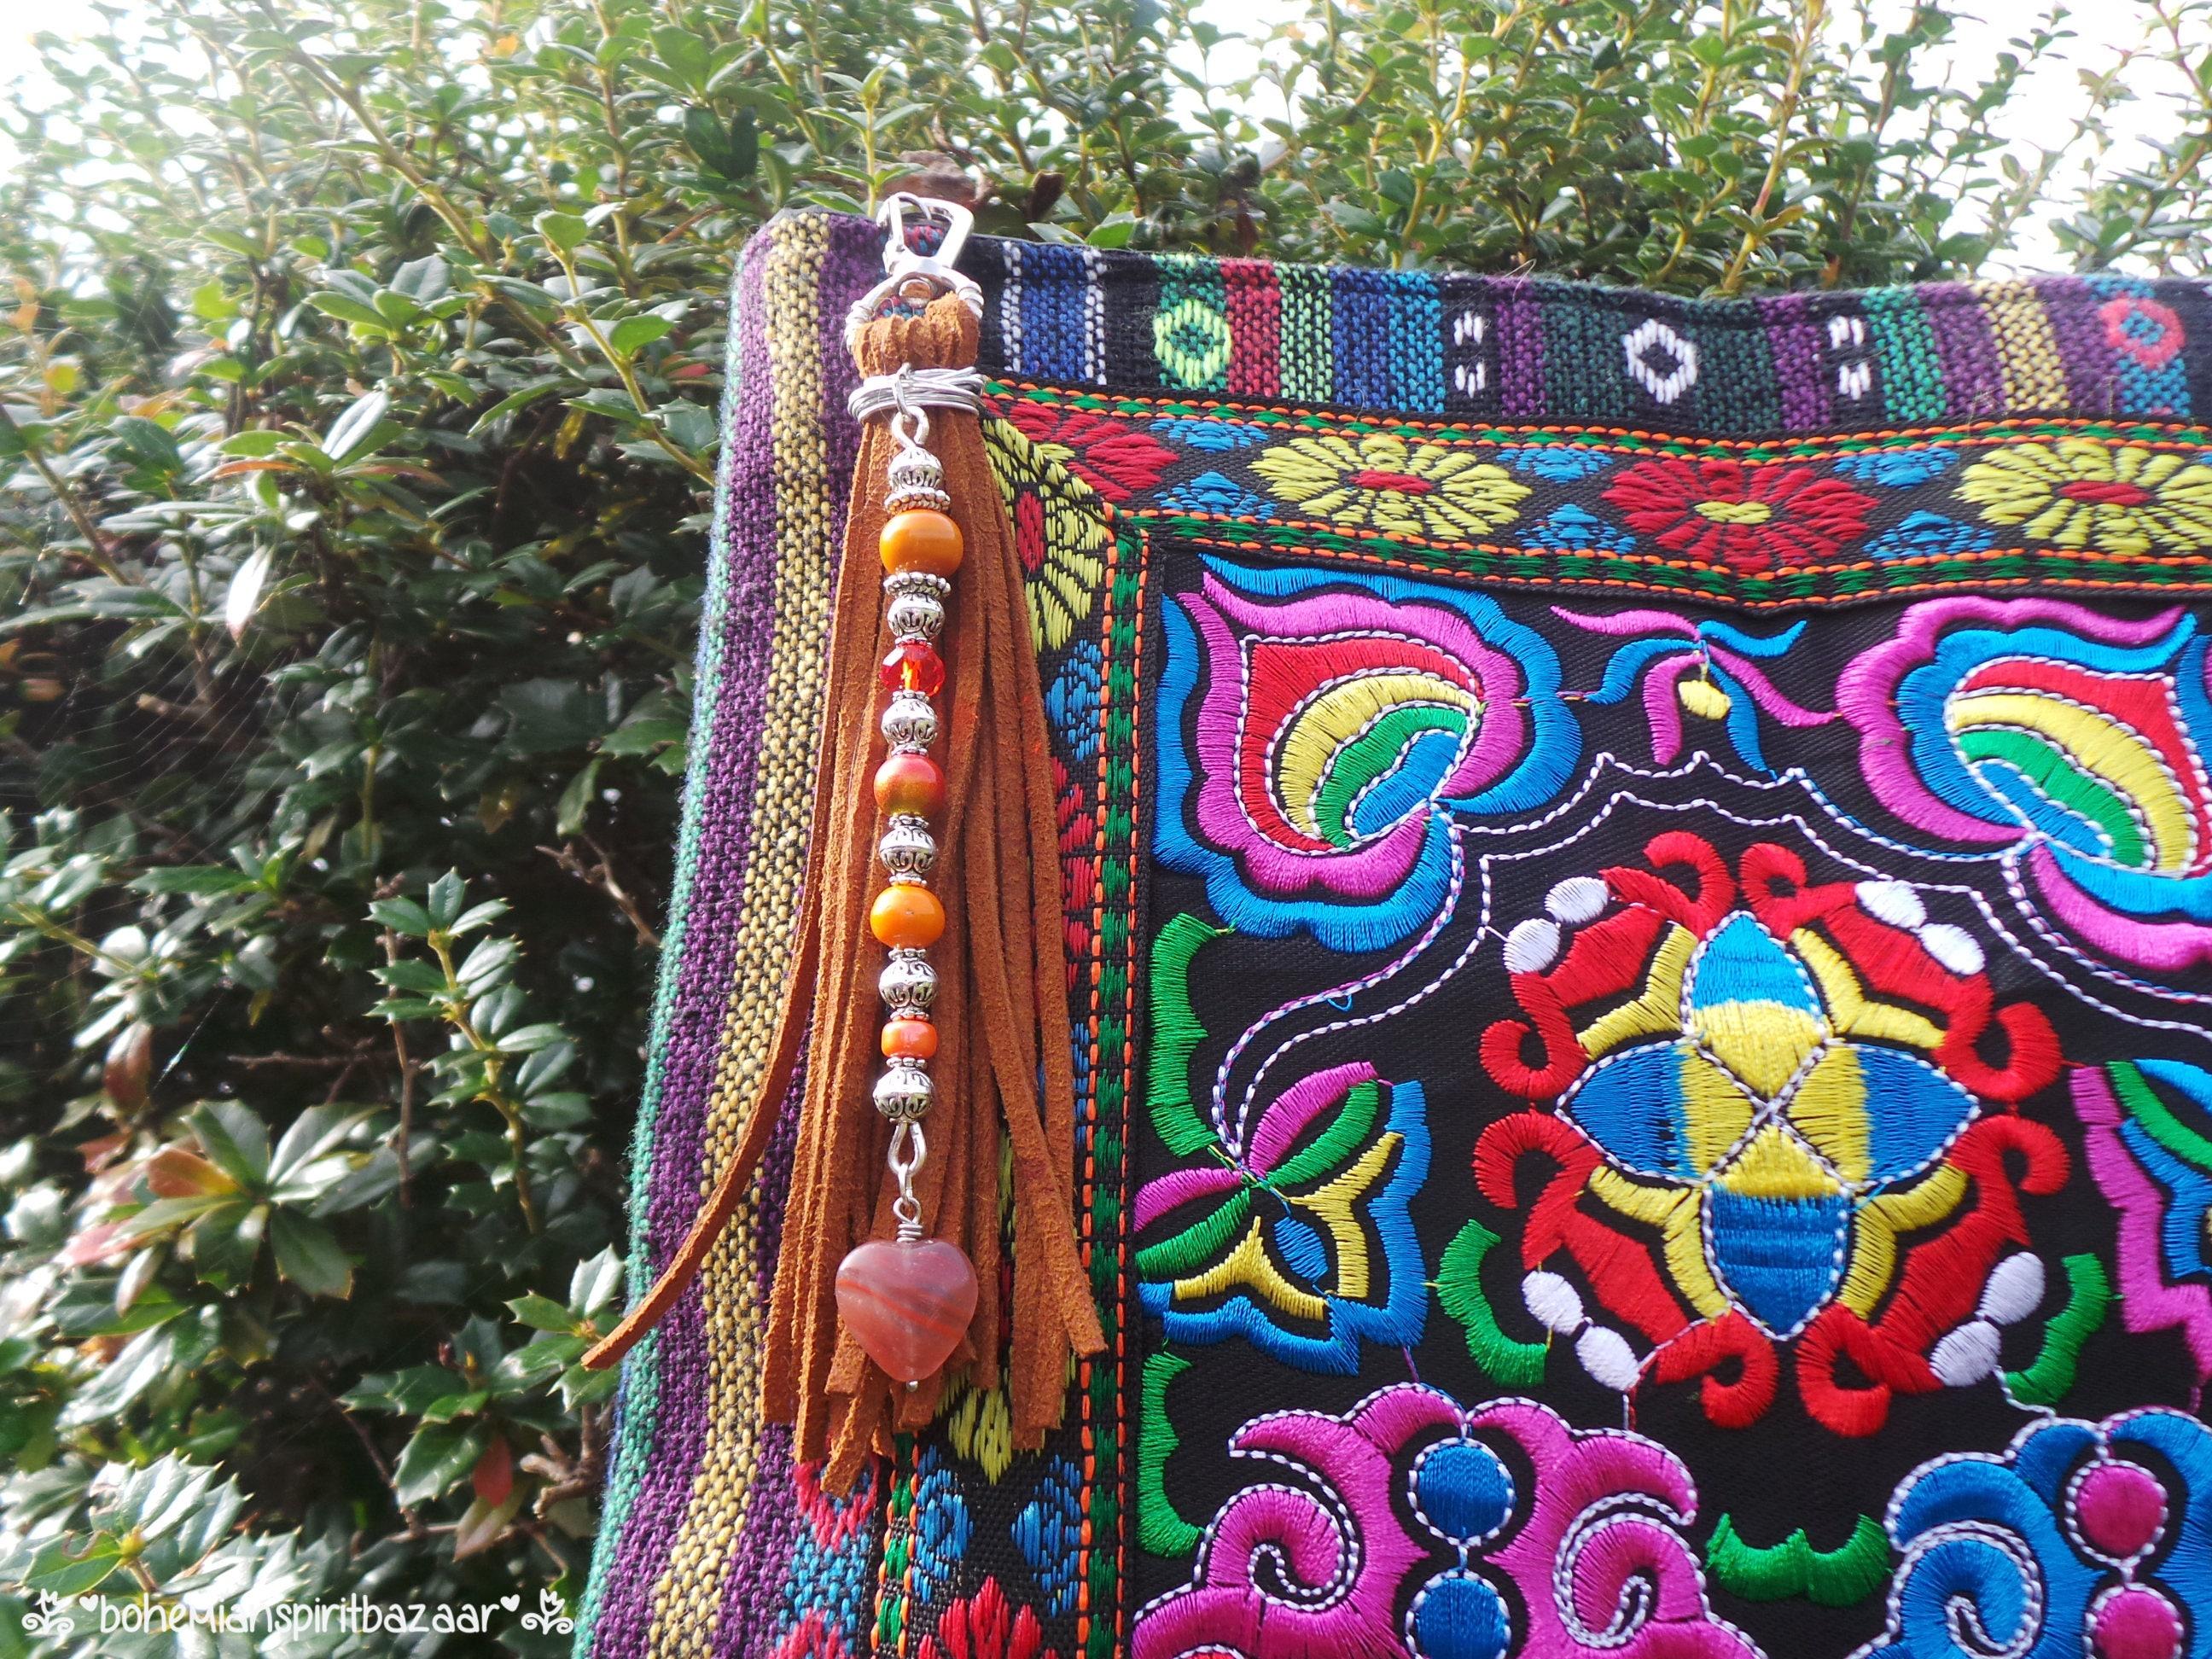 Bohemian Bag Charm, Boho Bag Charm, Tassel Bag Charm, Boho Key Ring, Tassel Purse Charm, Gemstone Bag Charm, Bohemian Purse Charm